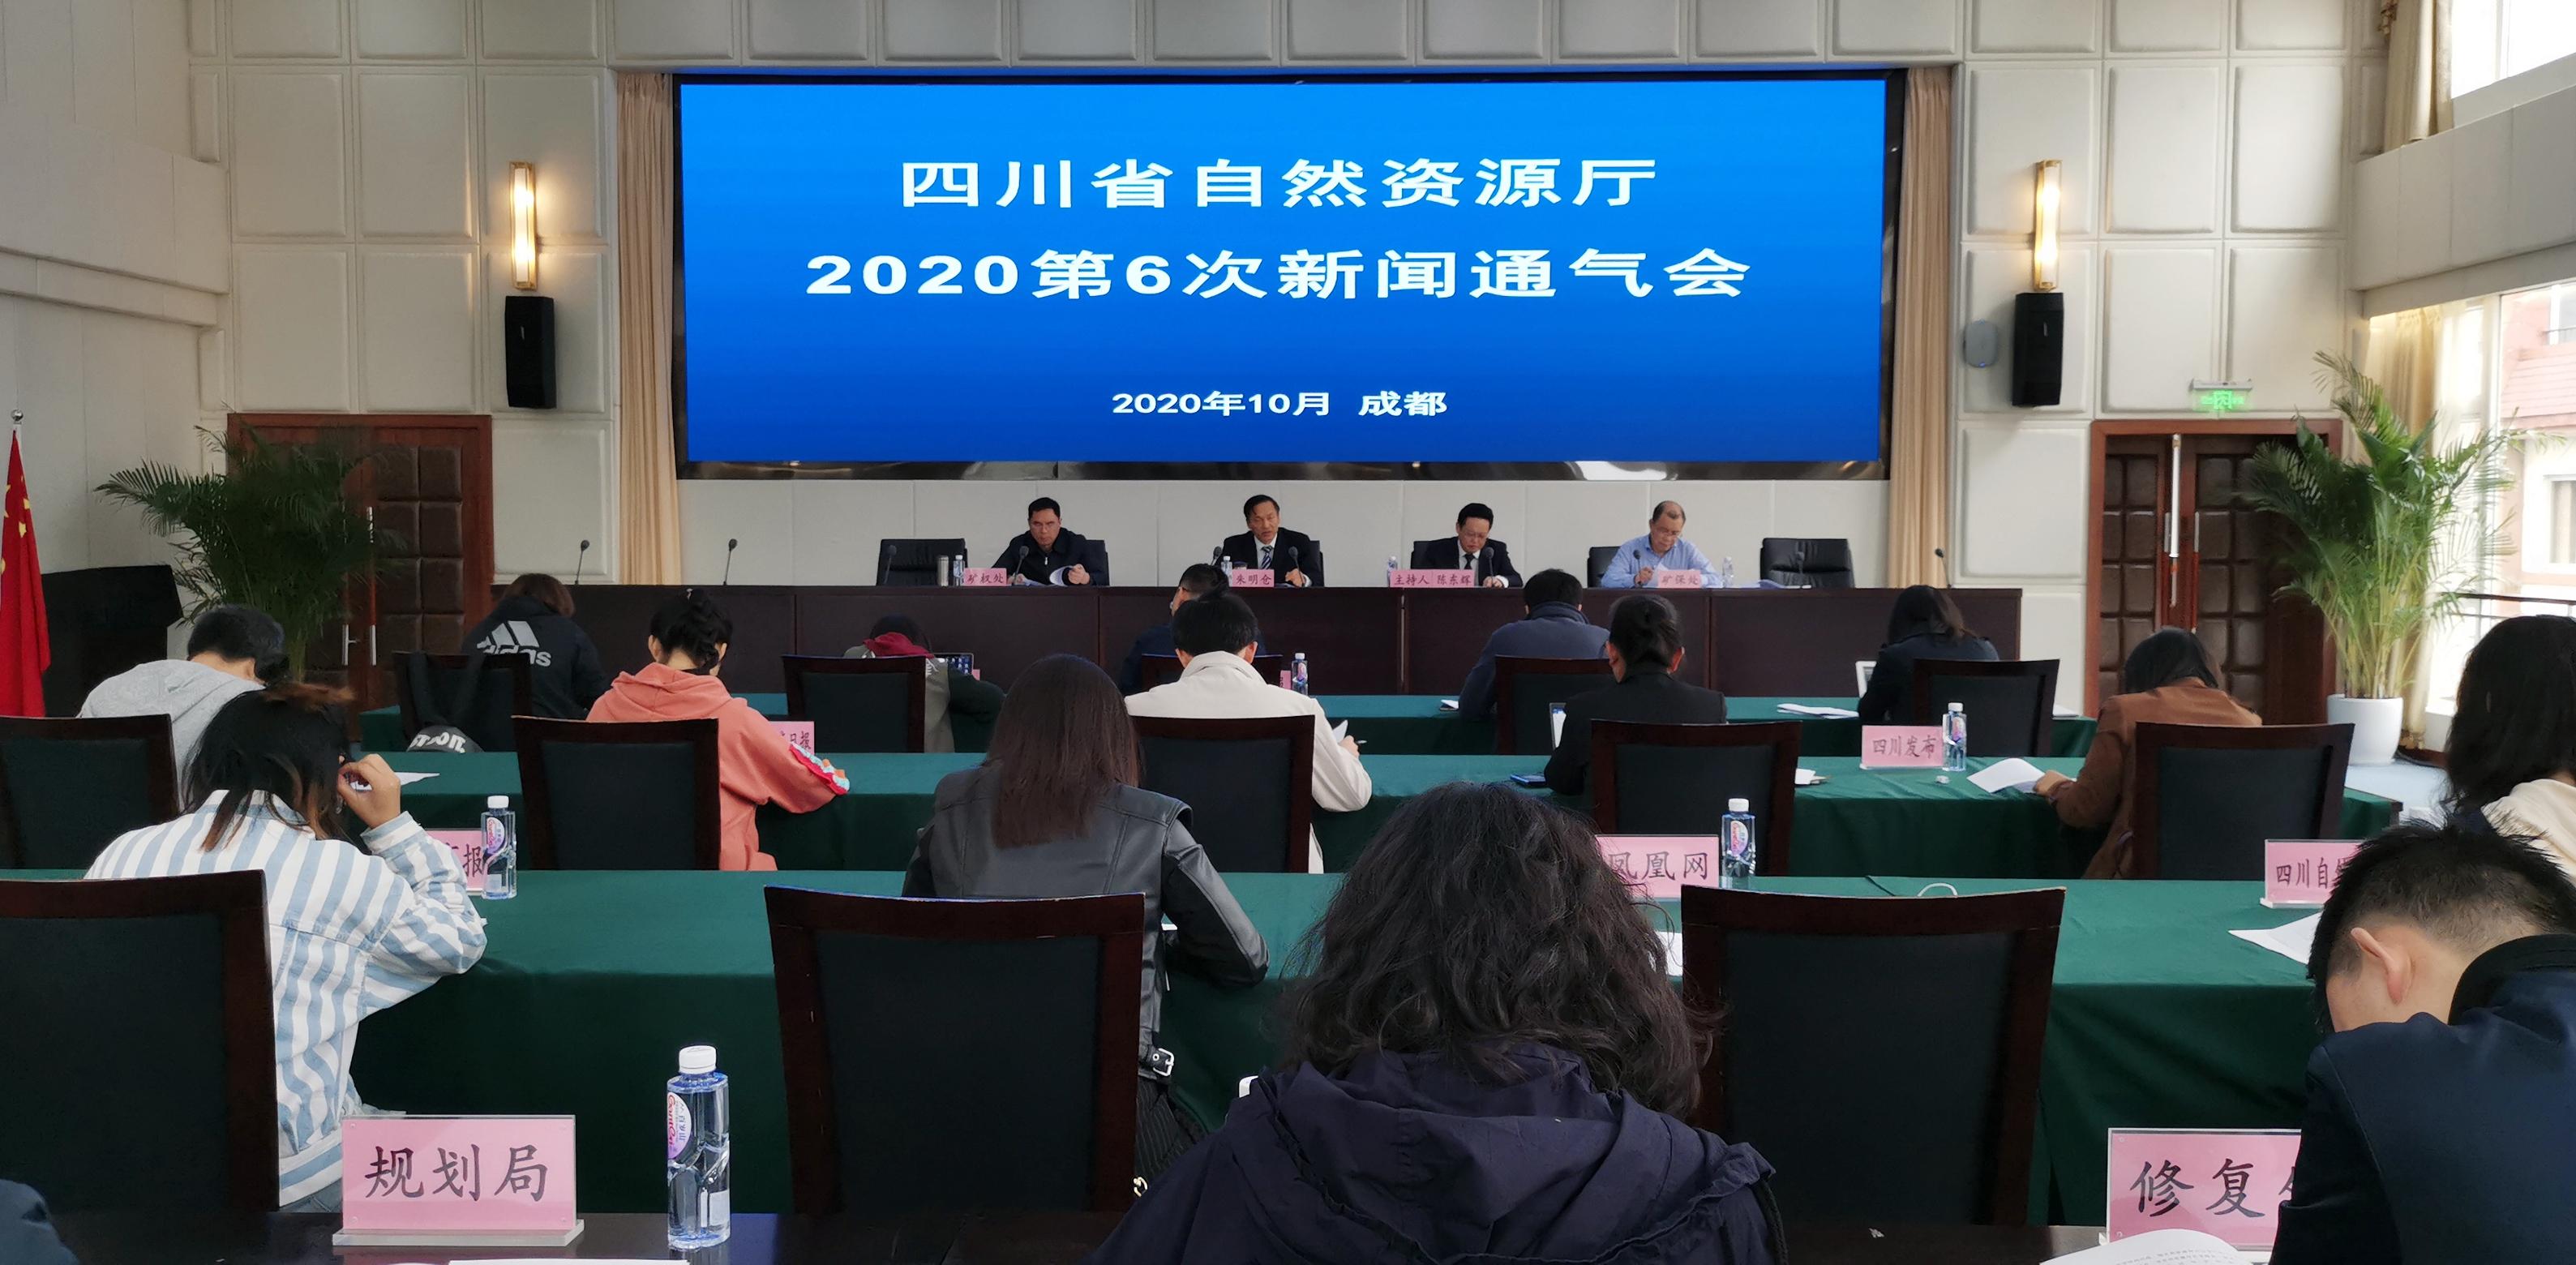 四川发布推进矿产资源管理改革意见 内容涵盖八大方面